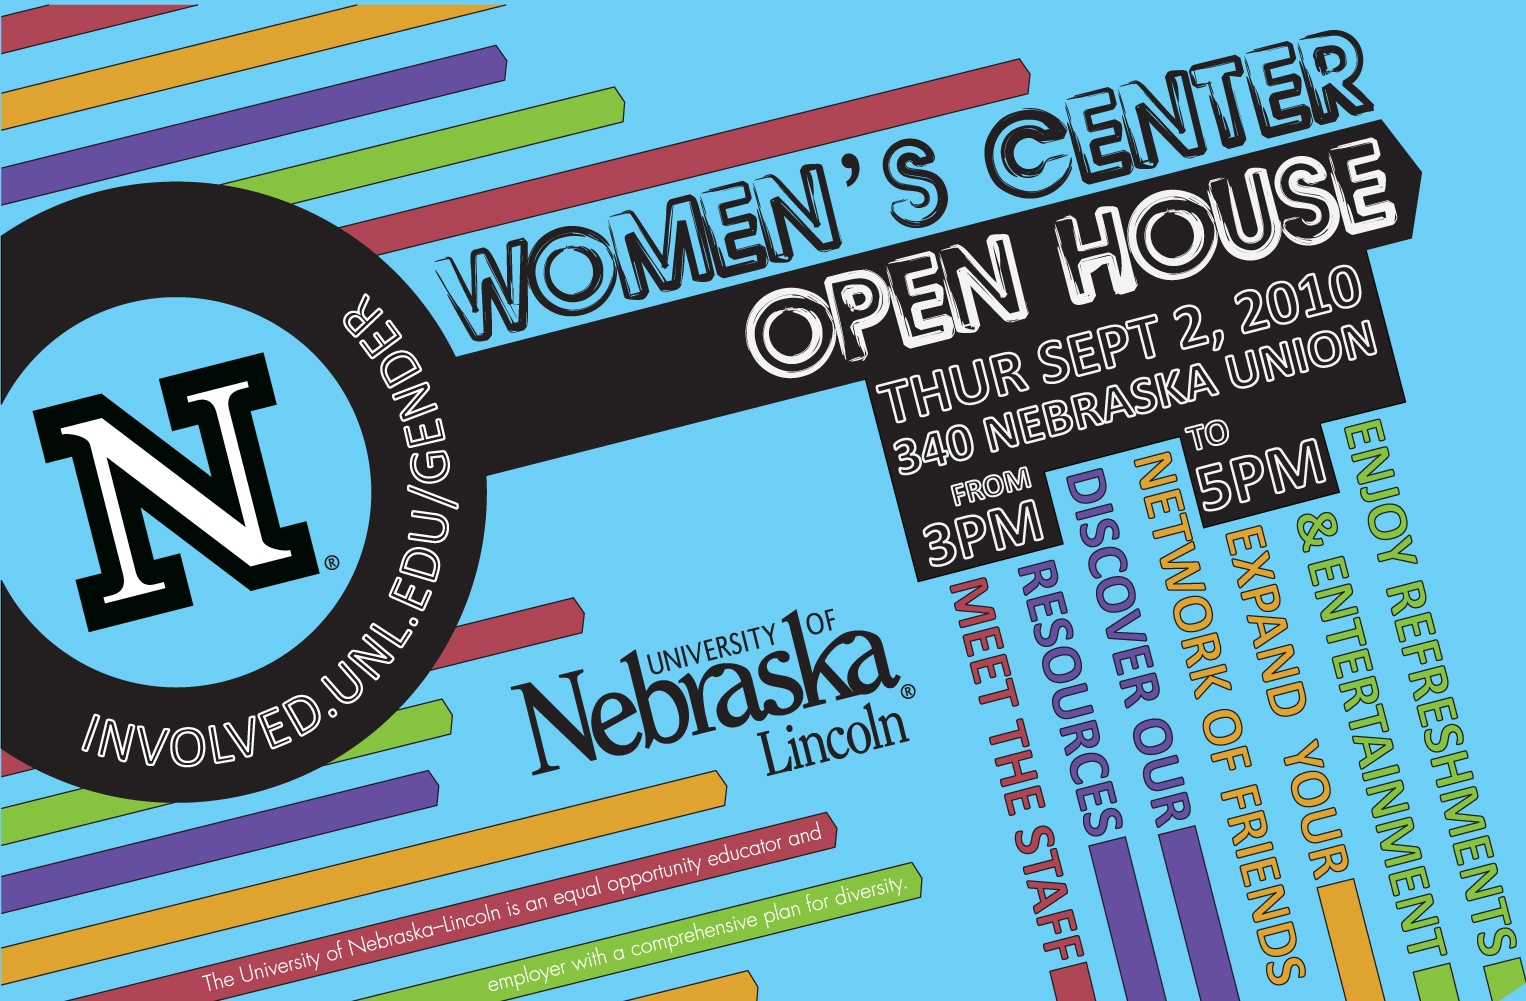 Open House Invite_Final.jpg